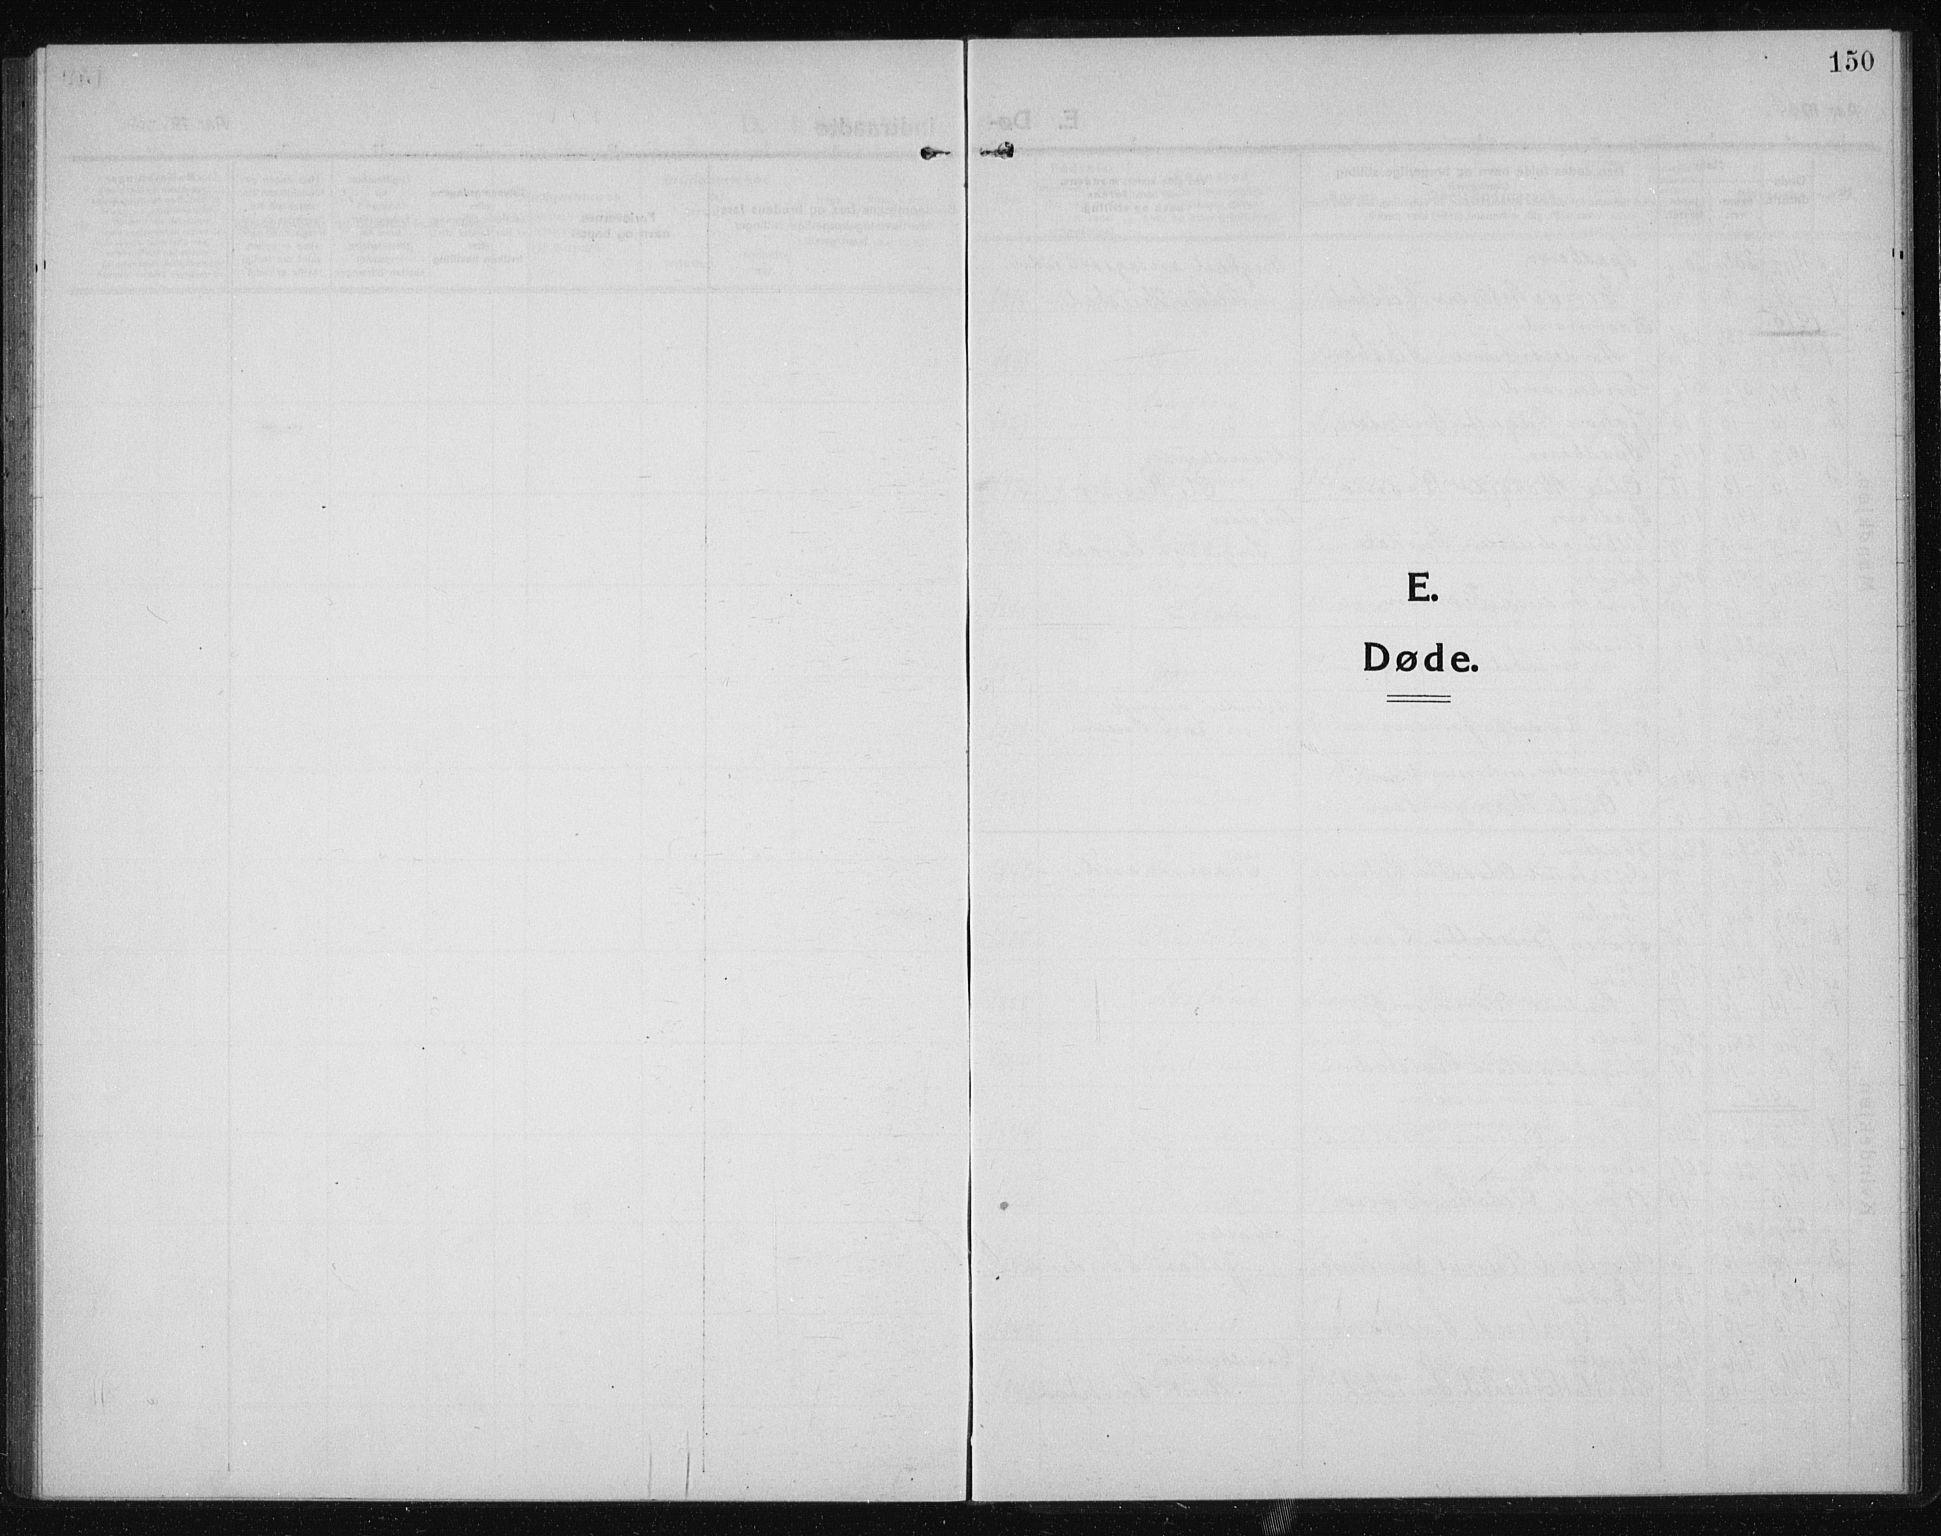 SAT, Ministerialprotokoller, klokkerbøker og fødselsregistre - Sør-Trøndelag, 611/L0356: Klokkerbok nr. 611C04, 1914-1938, s. 150